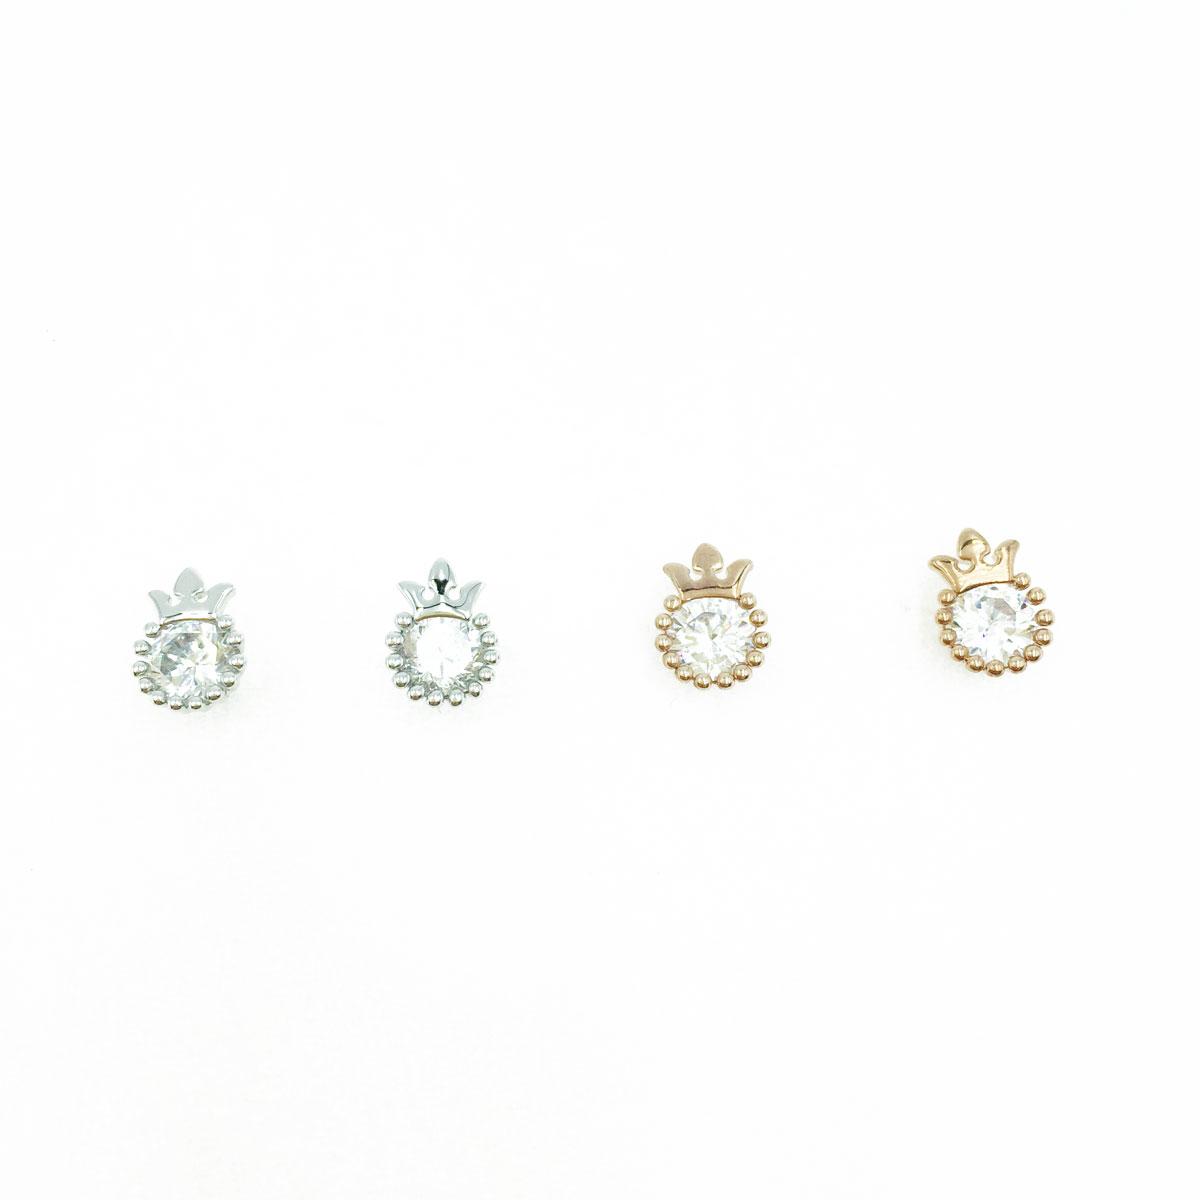 韓國 925純銀 水鑽 皇冠 圓 造型 銀 玫瑰金 耳針式耳環